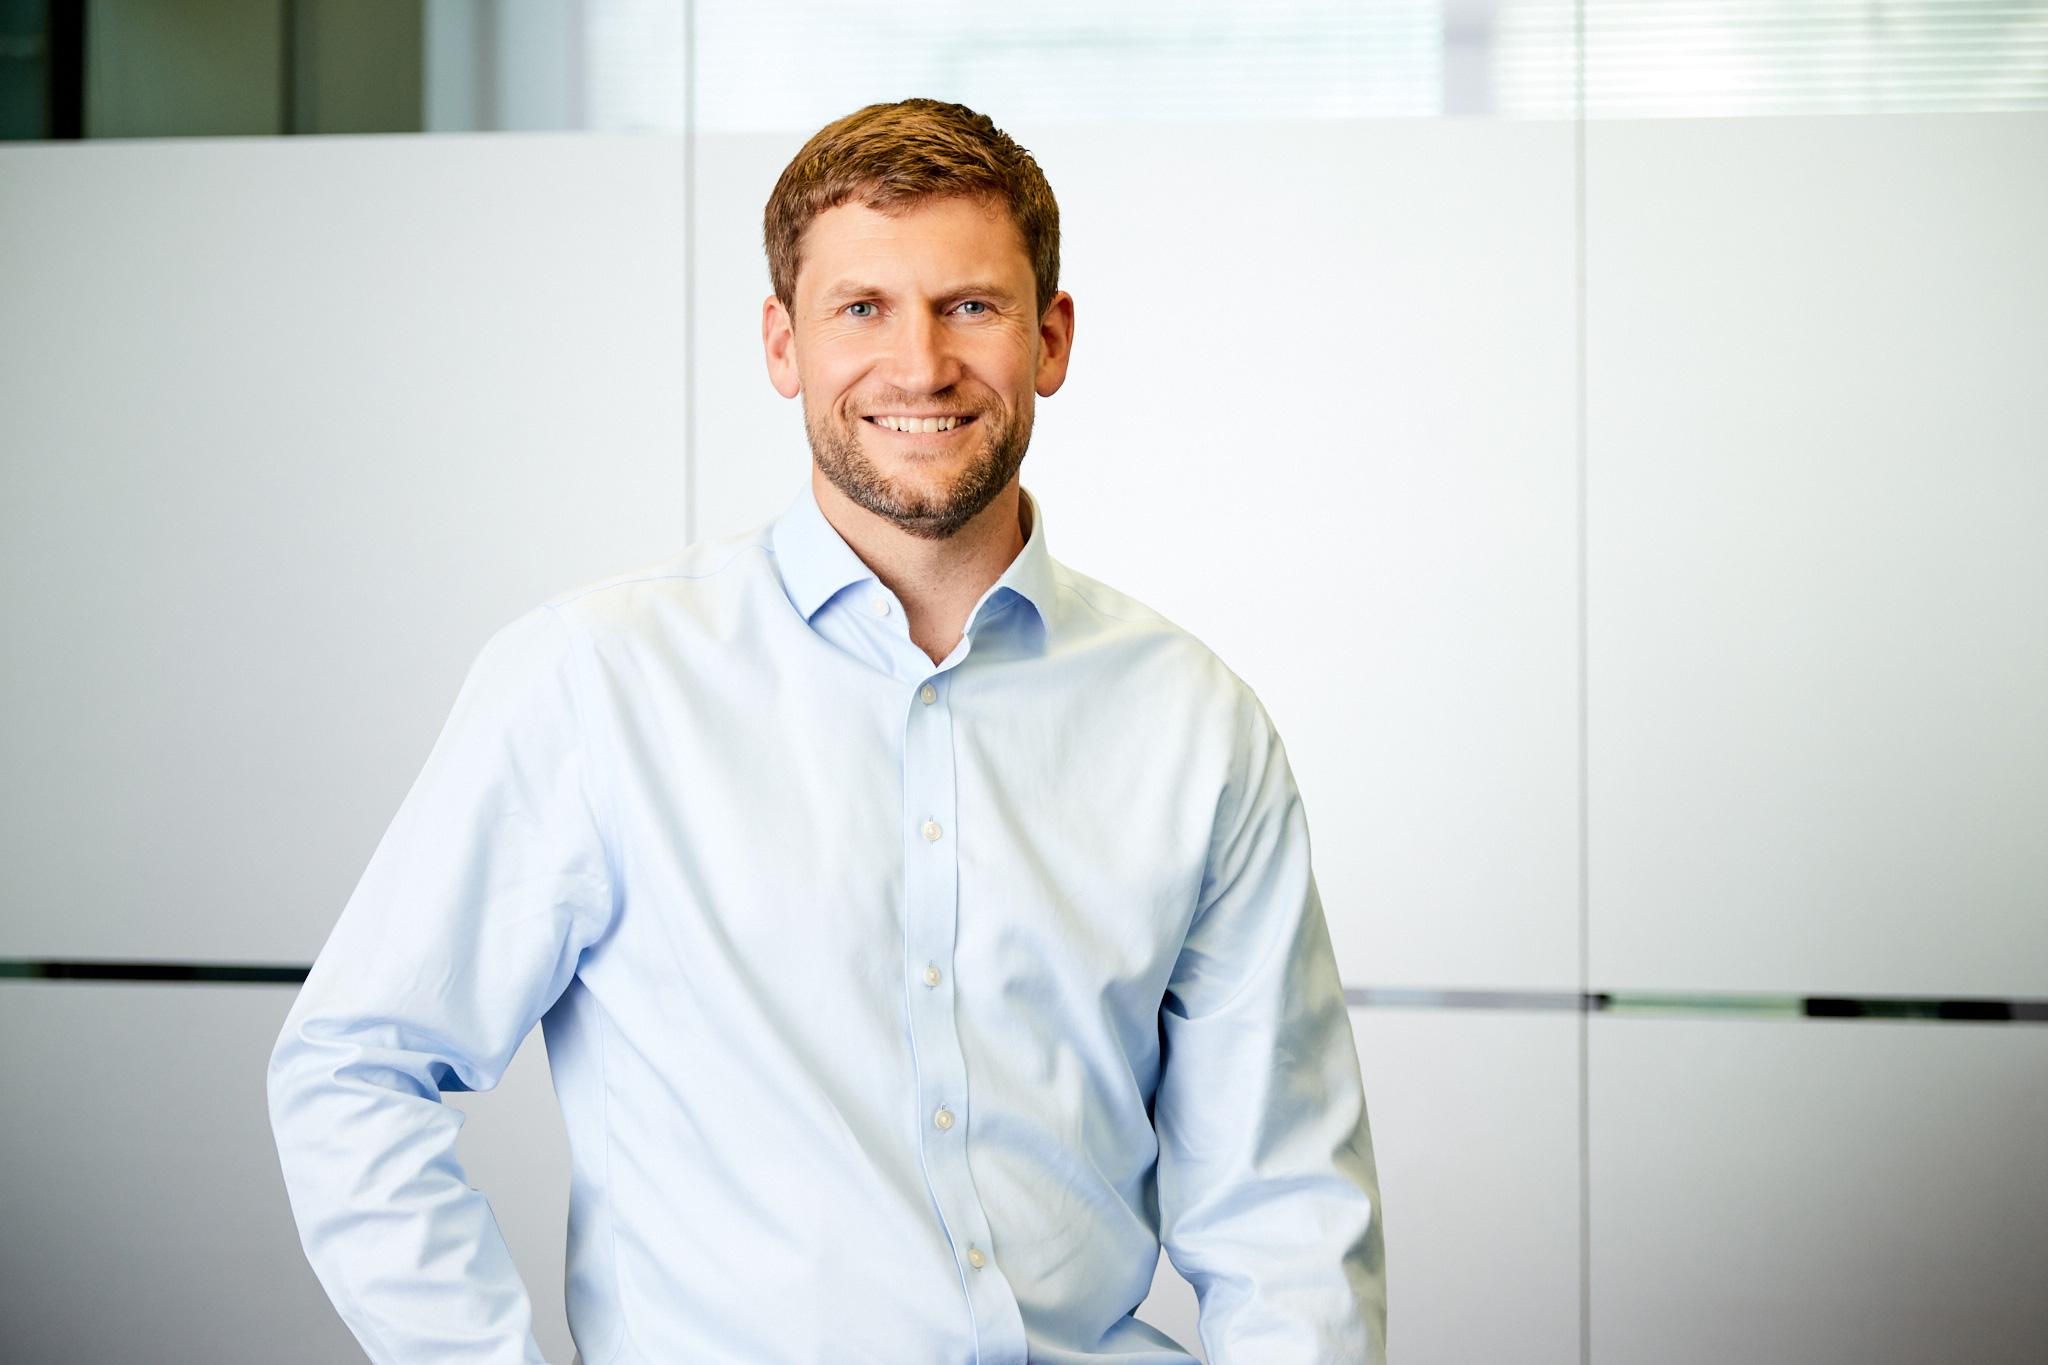 Matt Bishop   Founder & Managing Director  p   +64 3 371 7593      m   +64 21 661 748   e   matt.bishop@bvt.co.nz